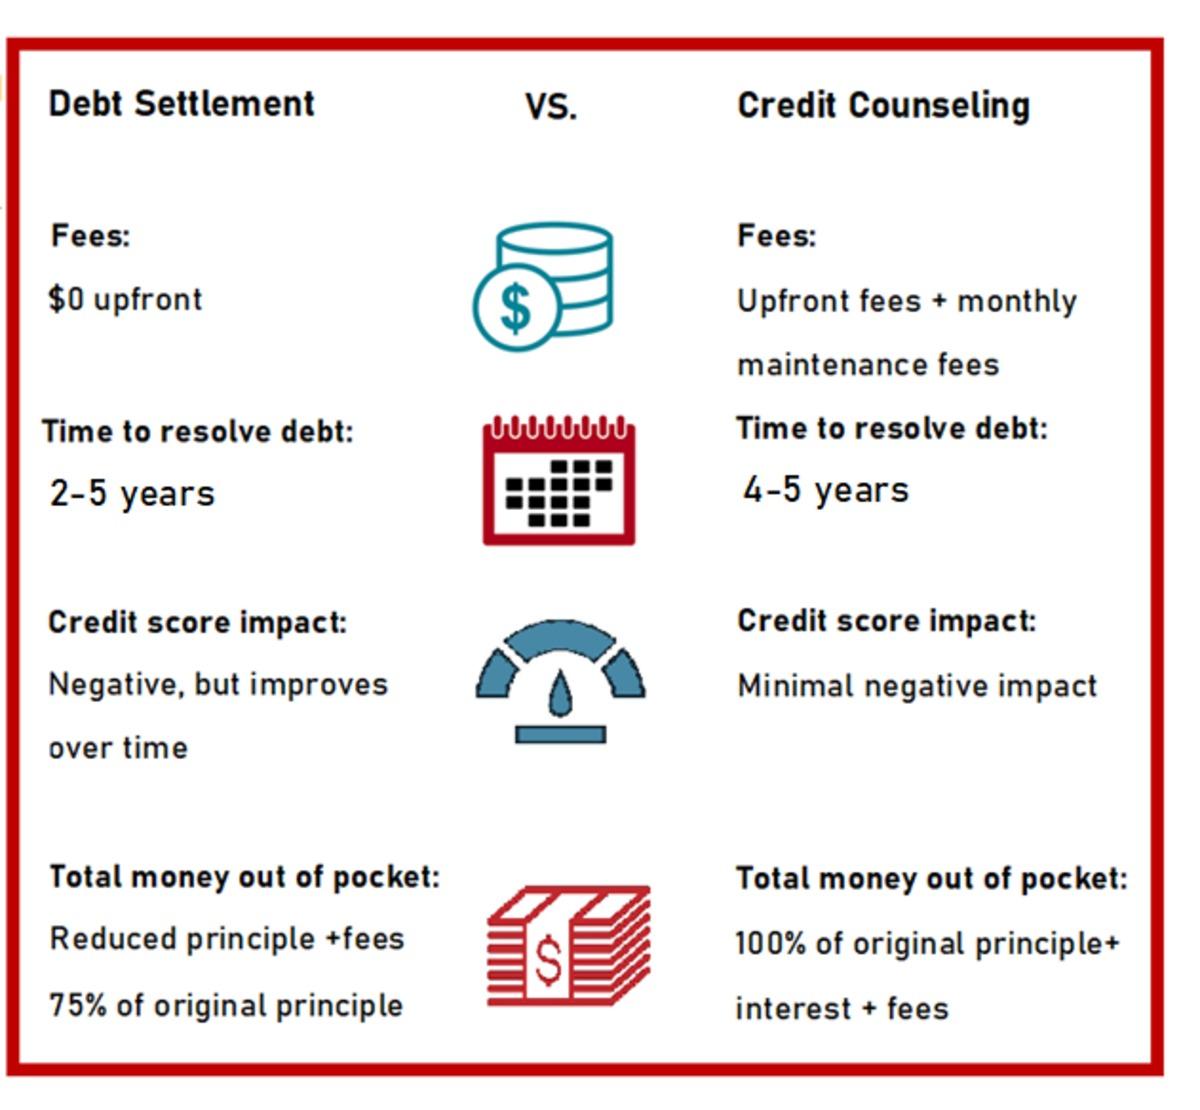 Revised_CC_Image_Debt set-v-credit_1200x